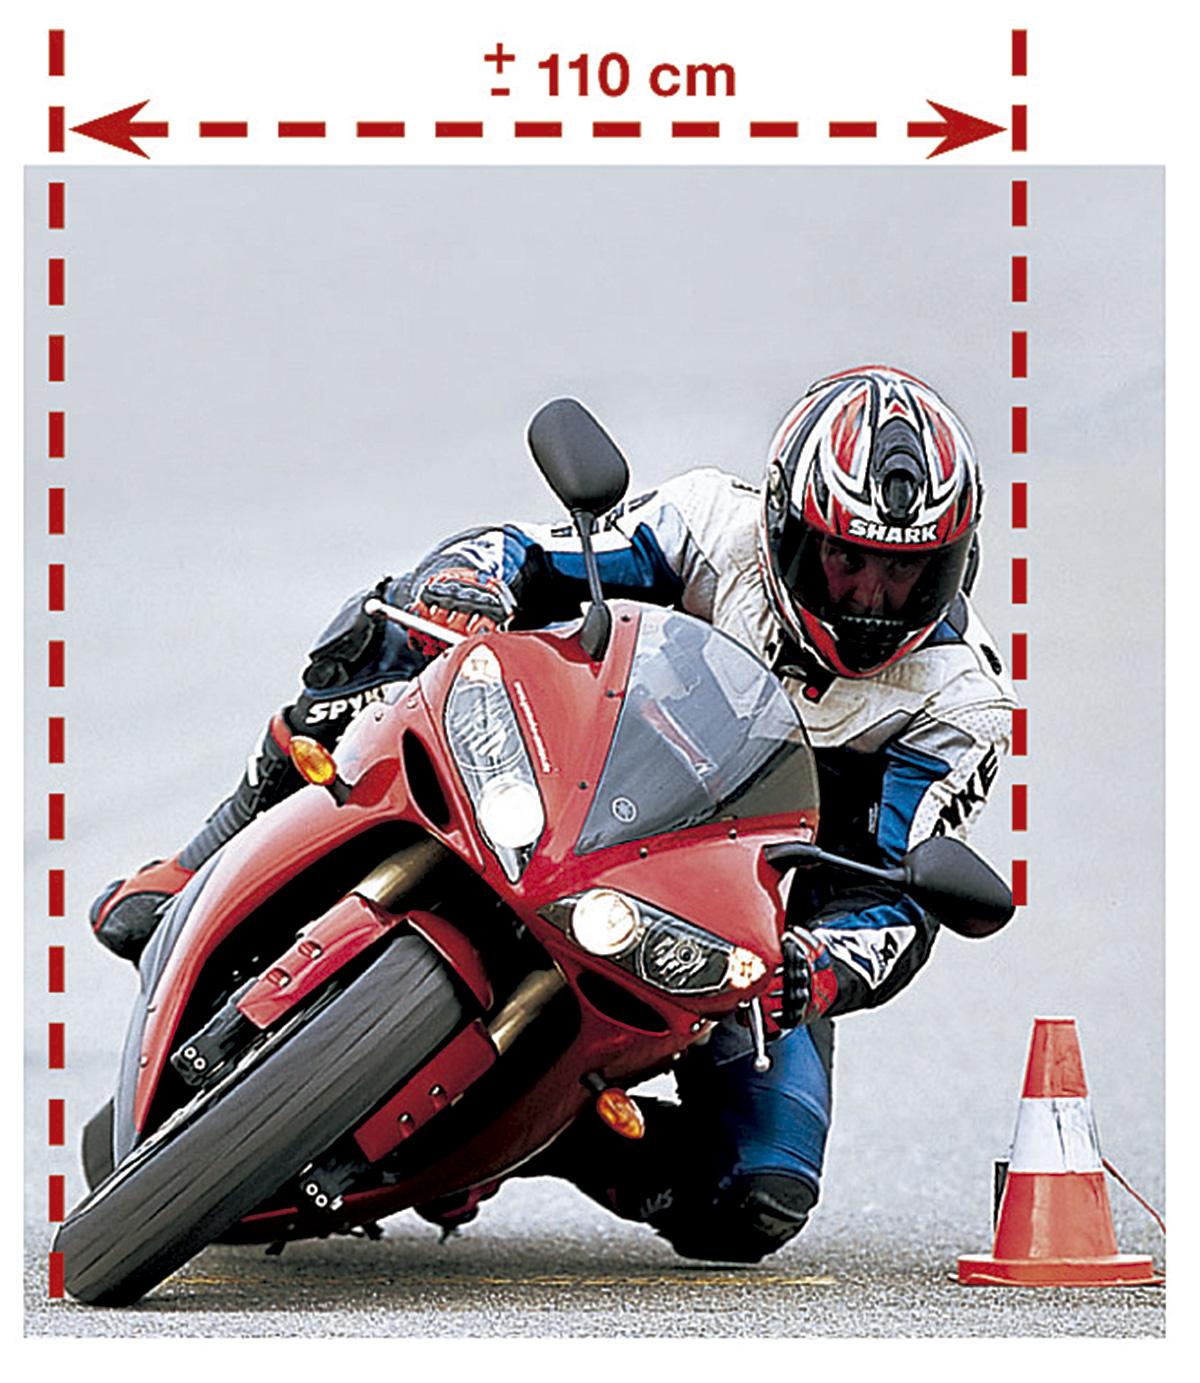 Estilo moto tecnicas conduccion 7